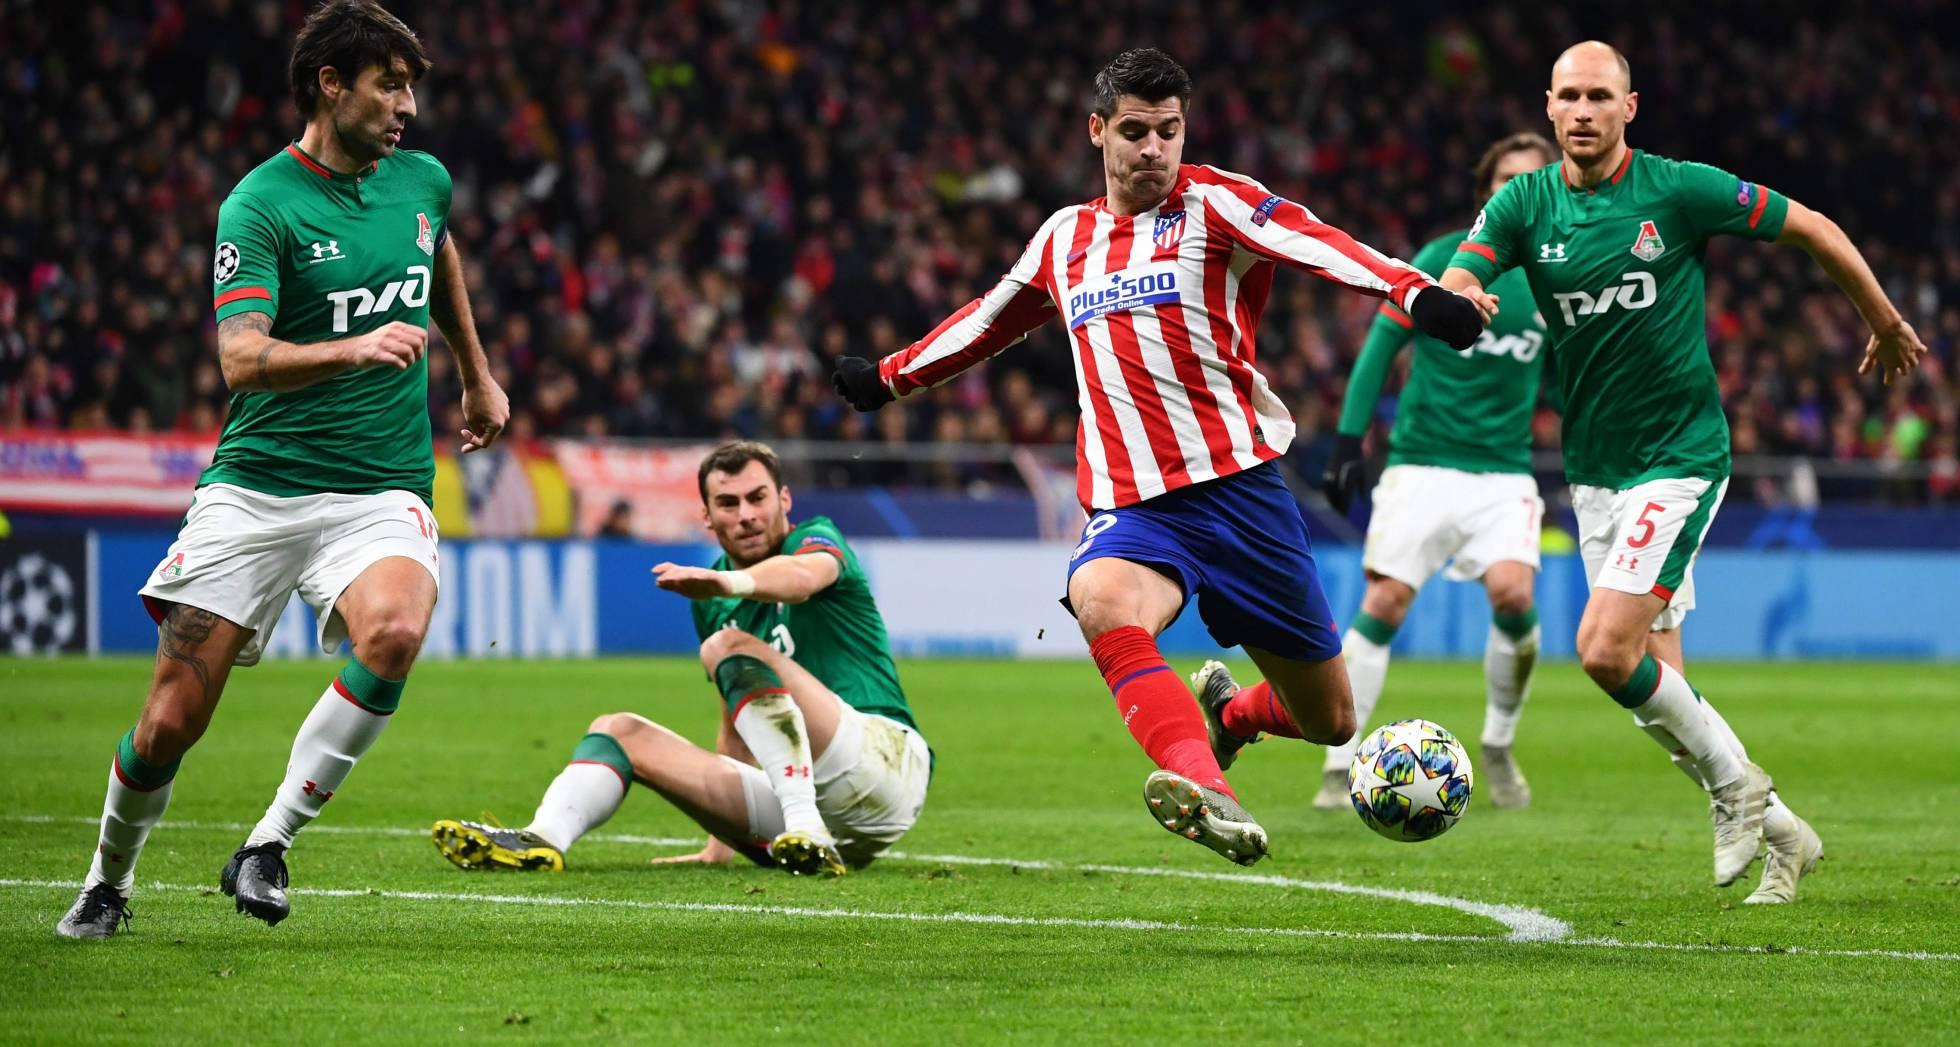 Fotos: Atlético de Madrid - Lokomotiv, el partido de Champions en imágenes | Deportes | EL PAÍS